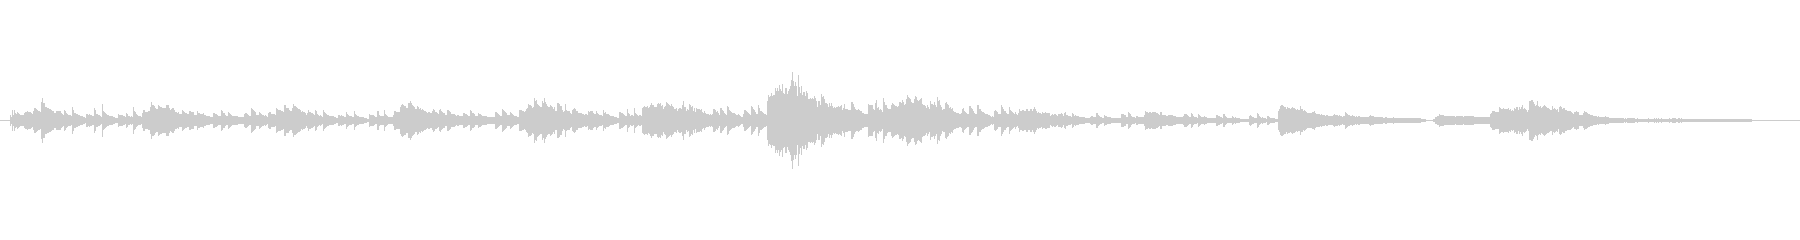 キラキラ軽やかなピアノの未再生の波形